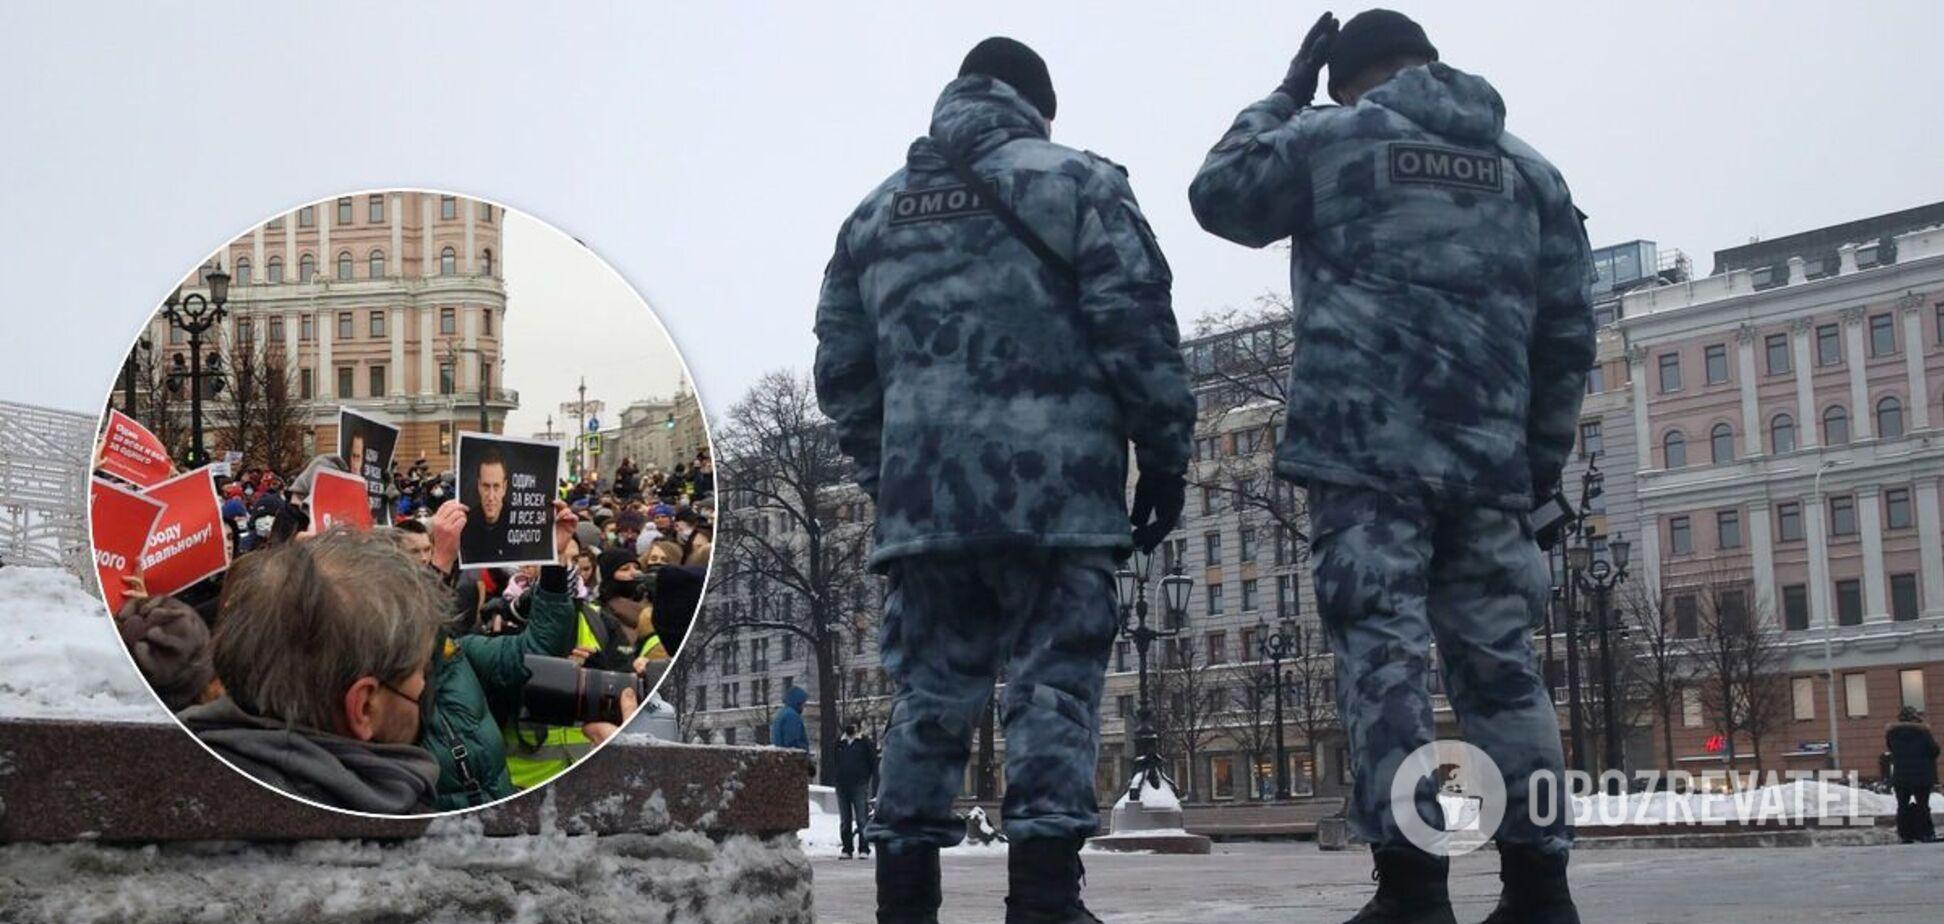 У Москву стягнули бронетехніку: силовиків закидали пляшками